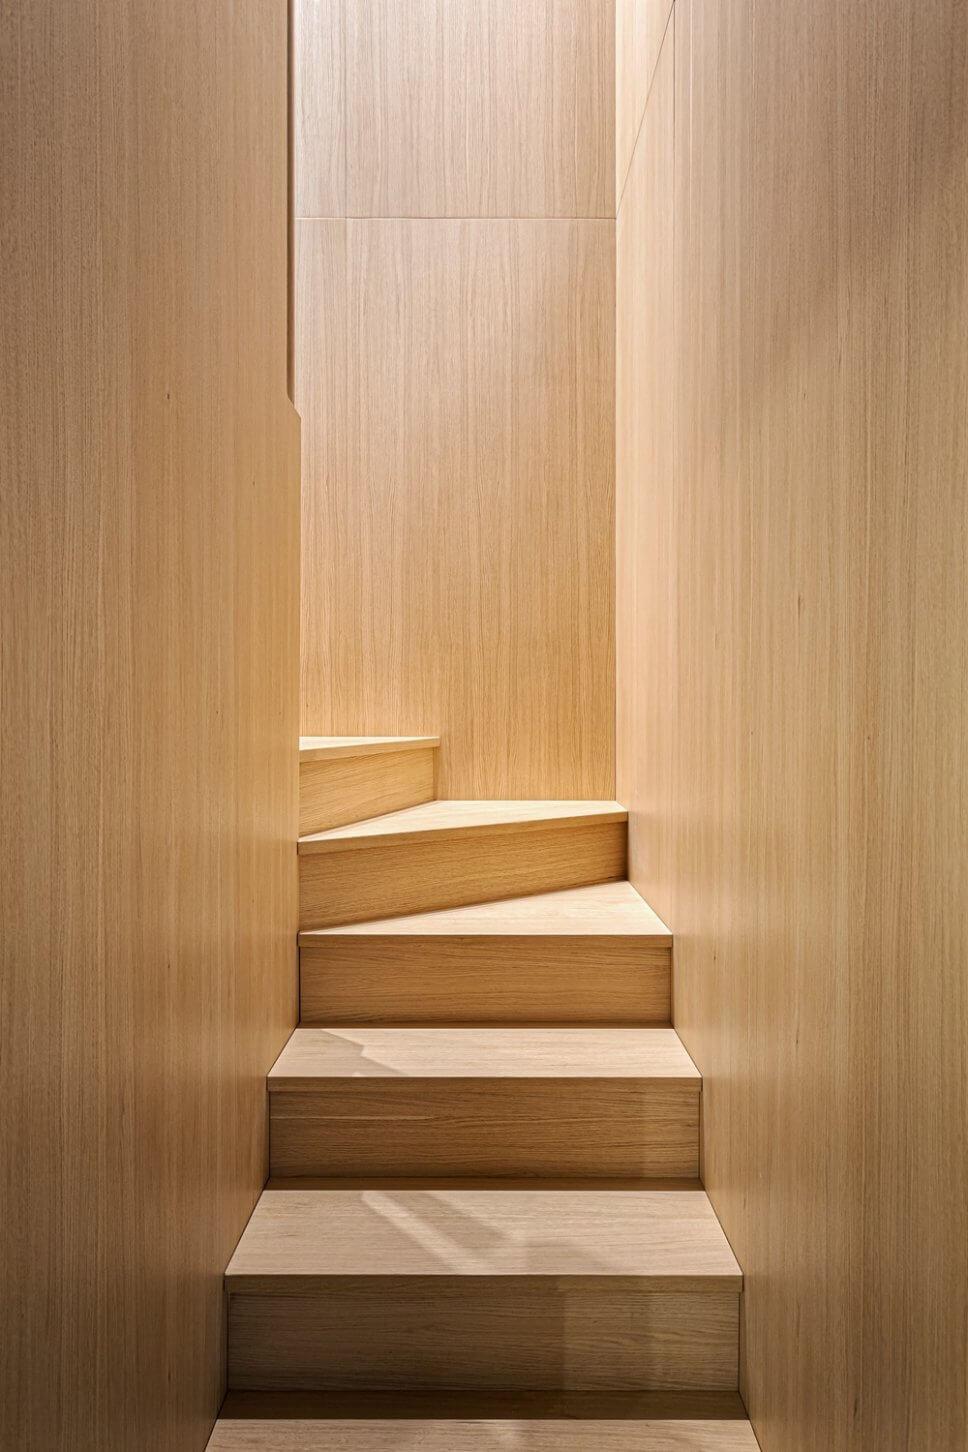 Treppe aus hellem Holz mit Wandverkleidung aus gleichem Holz